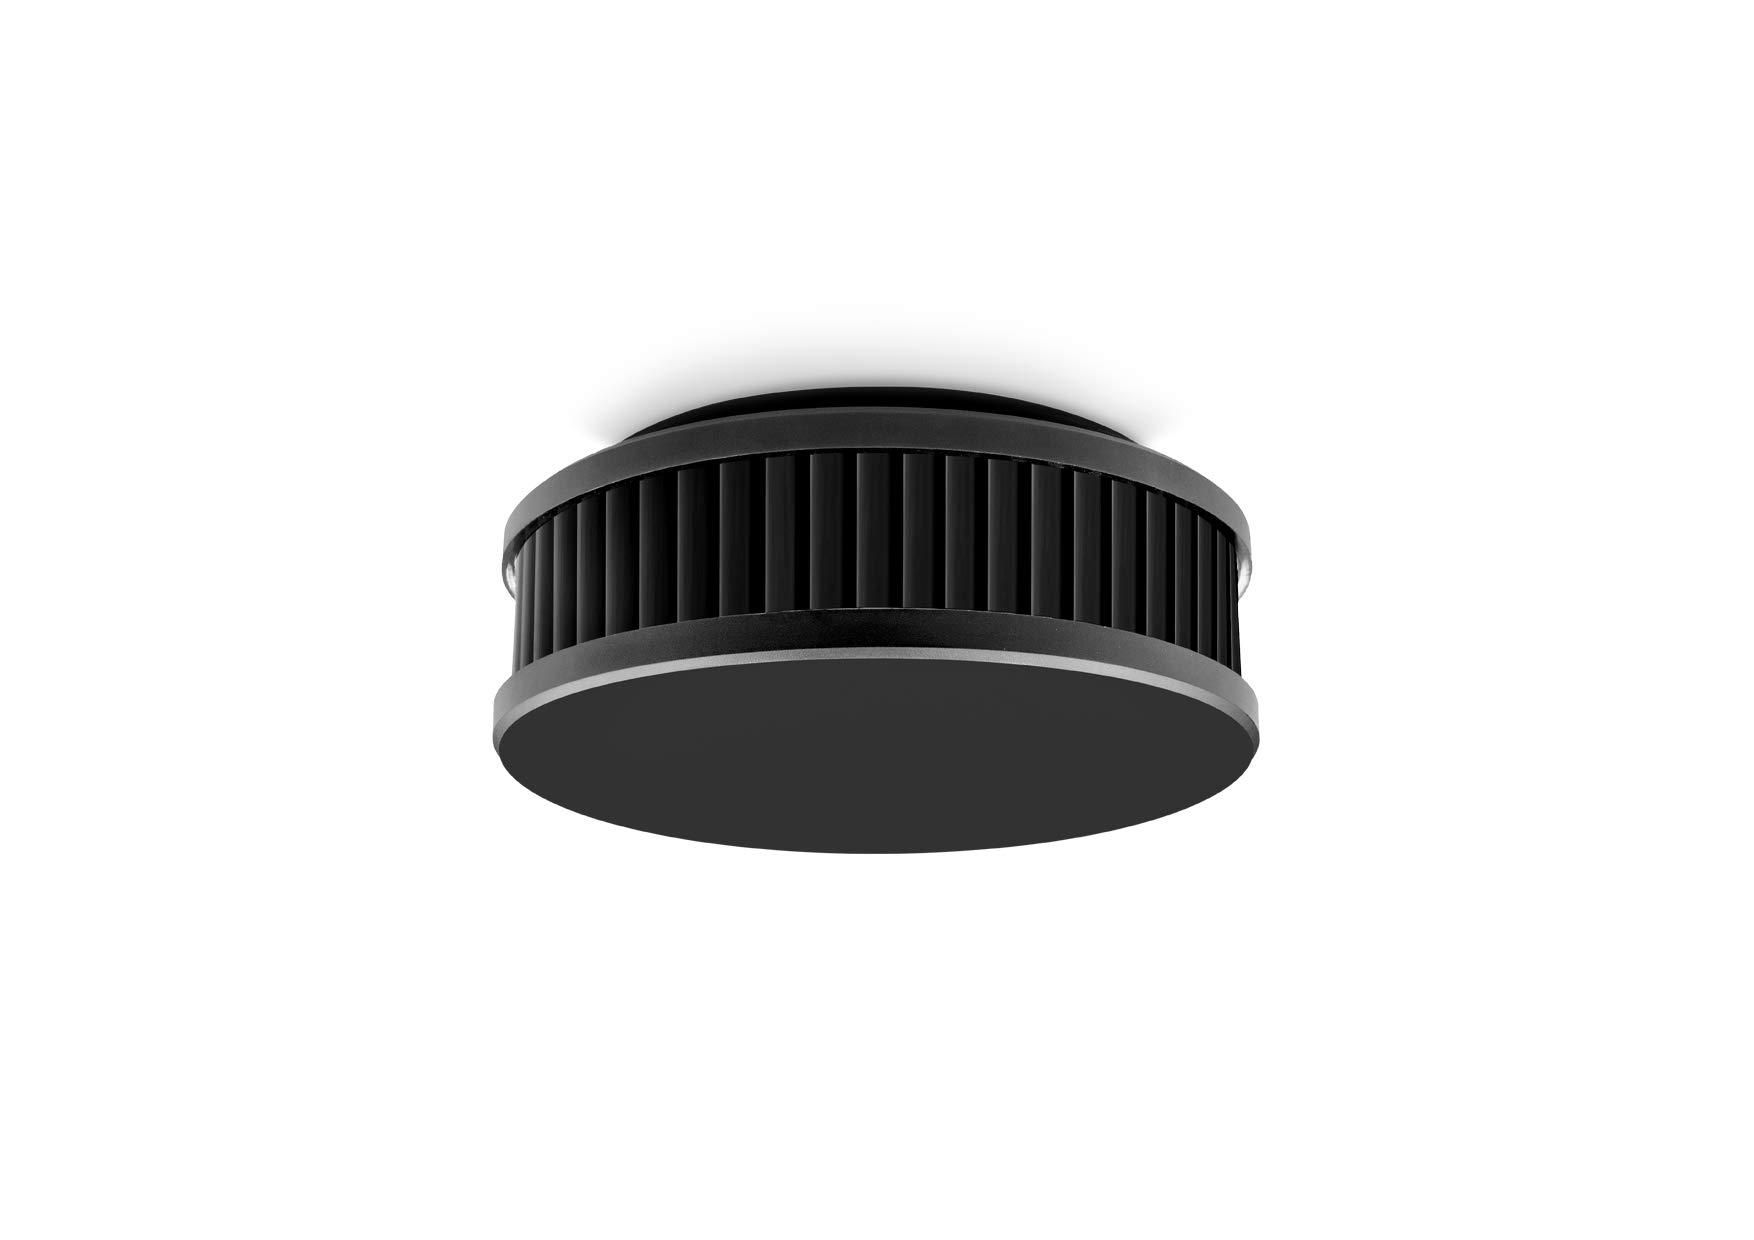 Pyrexx PX-1 Détecteur de fumée Noir (Import Allemagne) product image